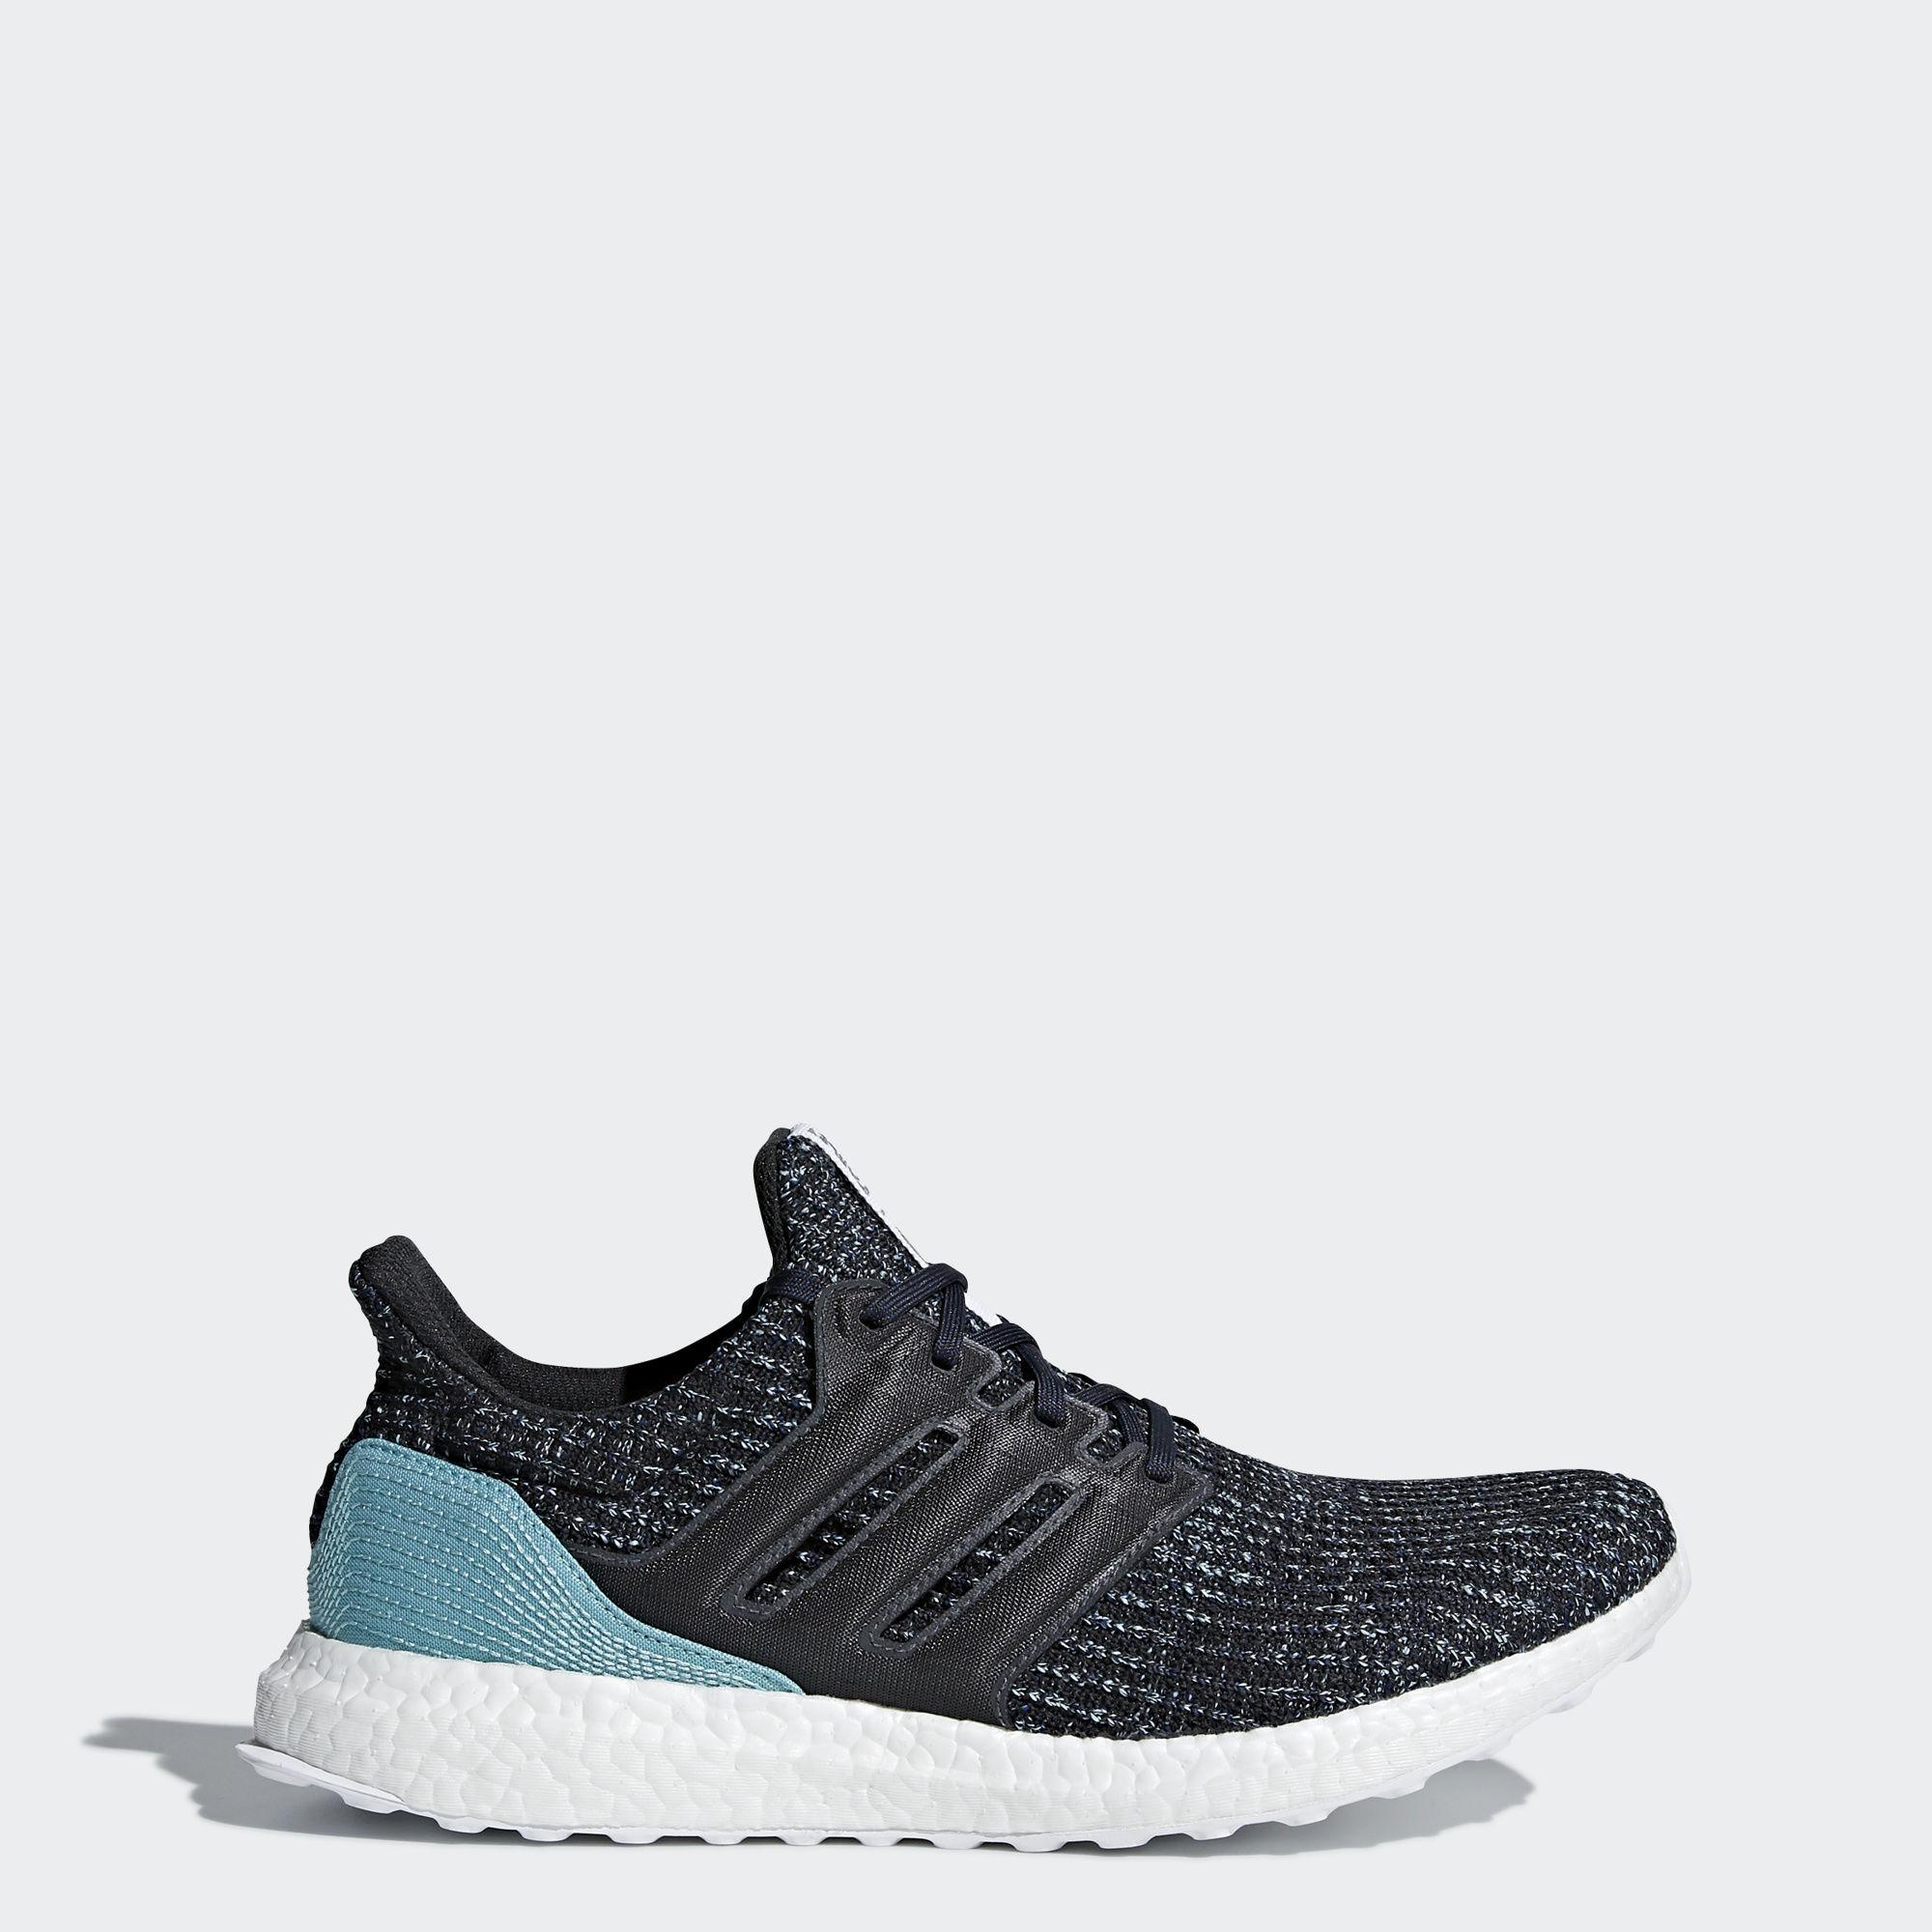 oficjalny sklep informacje dla sprzedawca detaliczny adidas ultra boost go sport